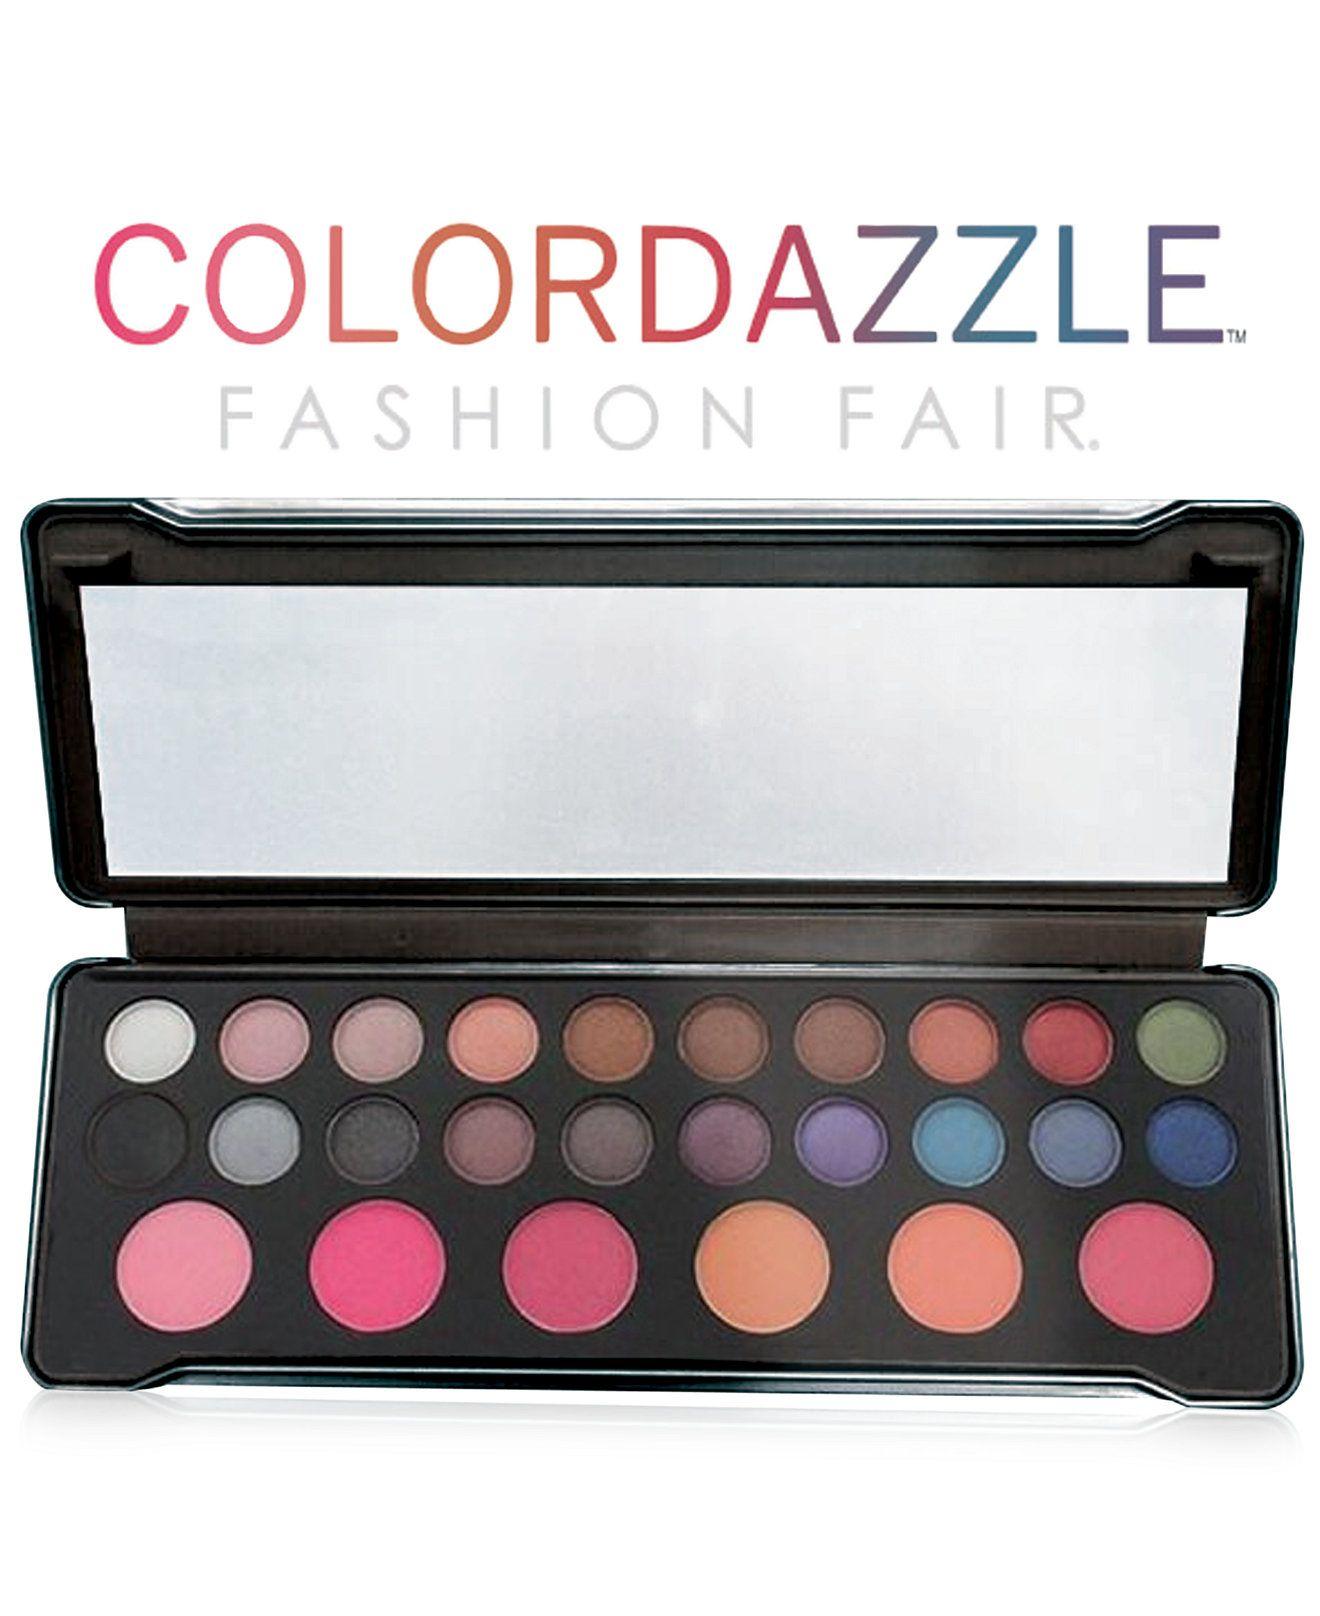 Fashion Fair ColorDazzle Palette Shop All Brands